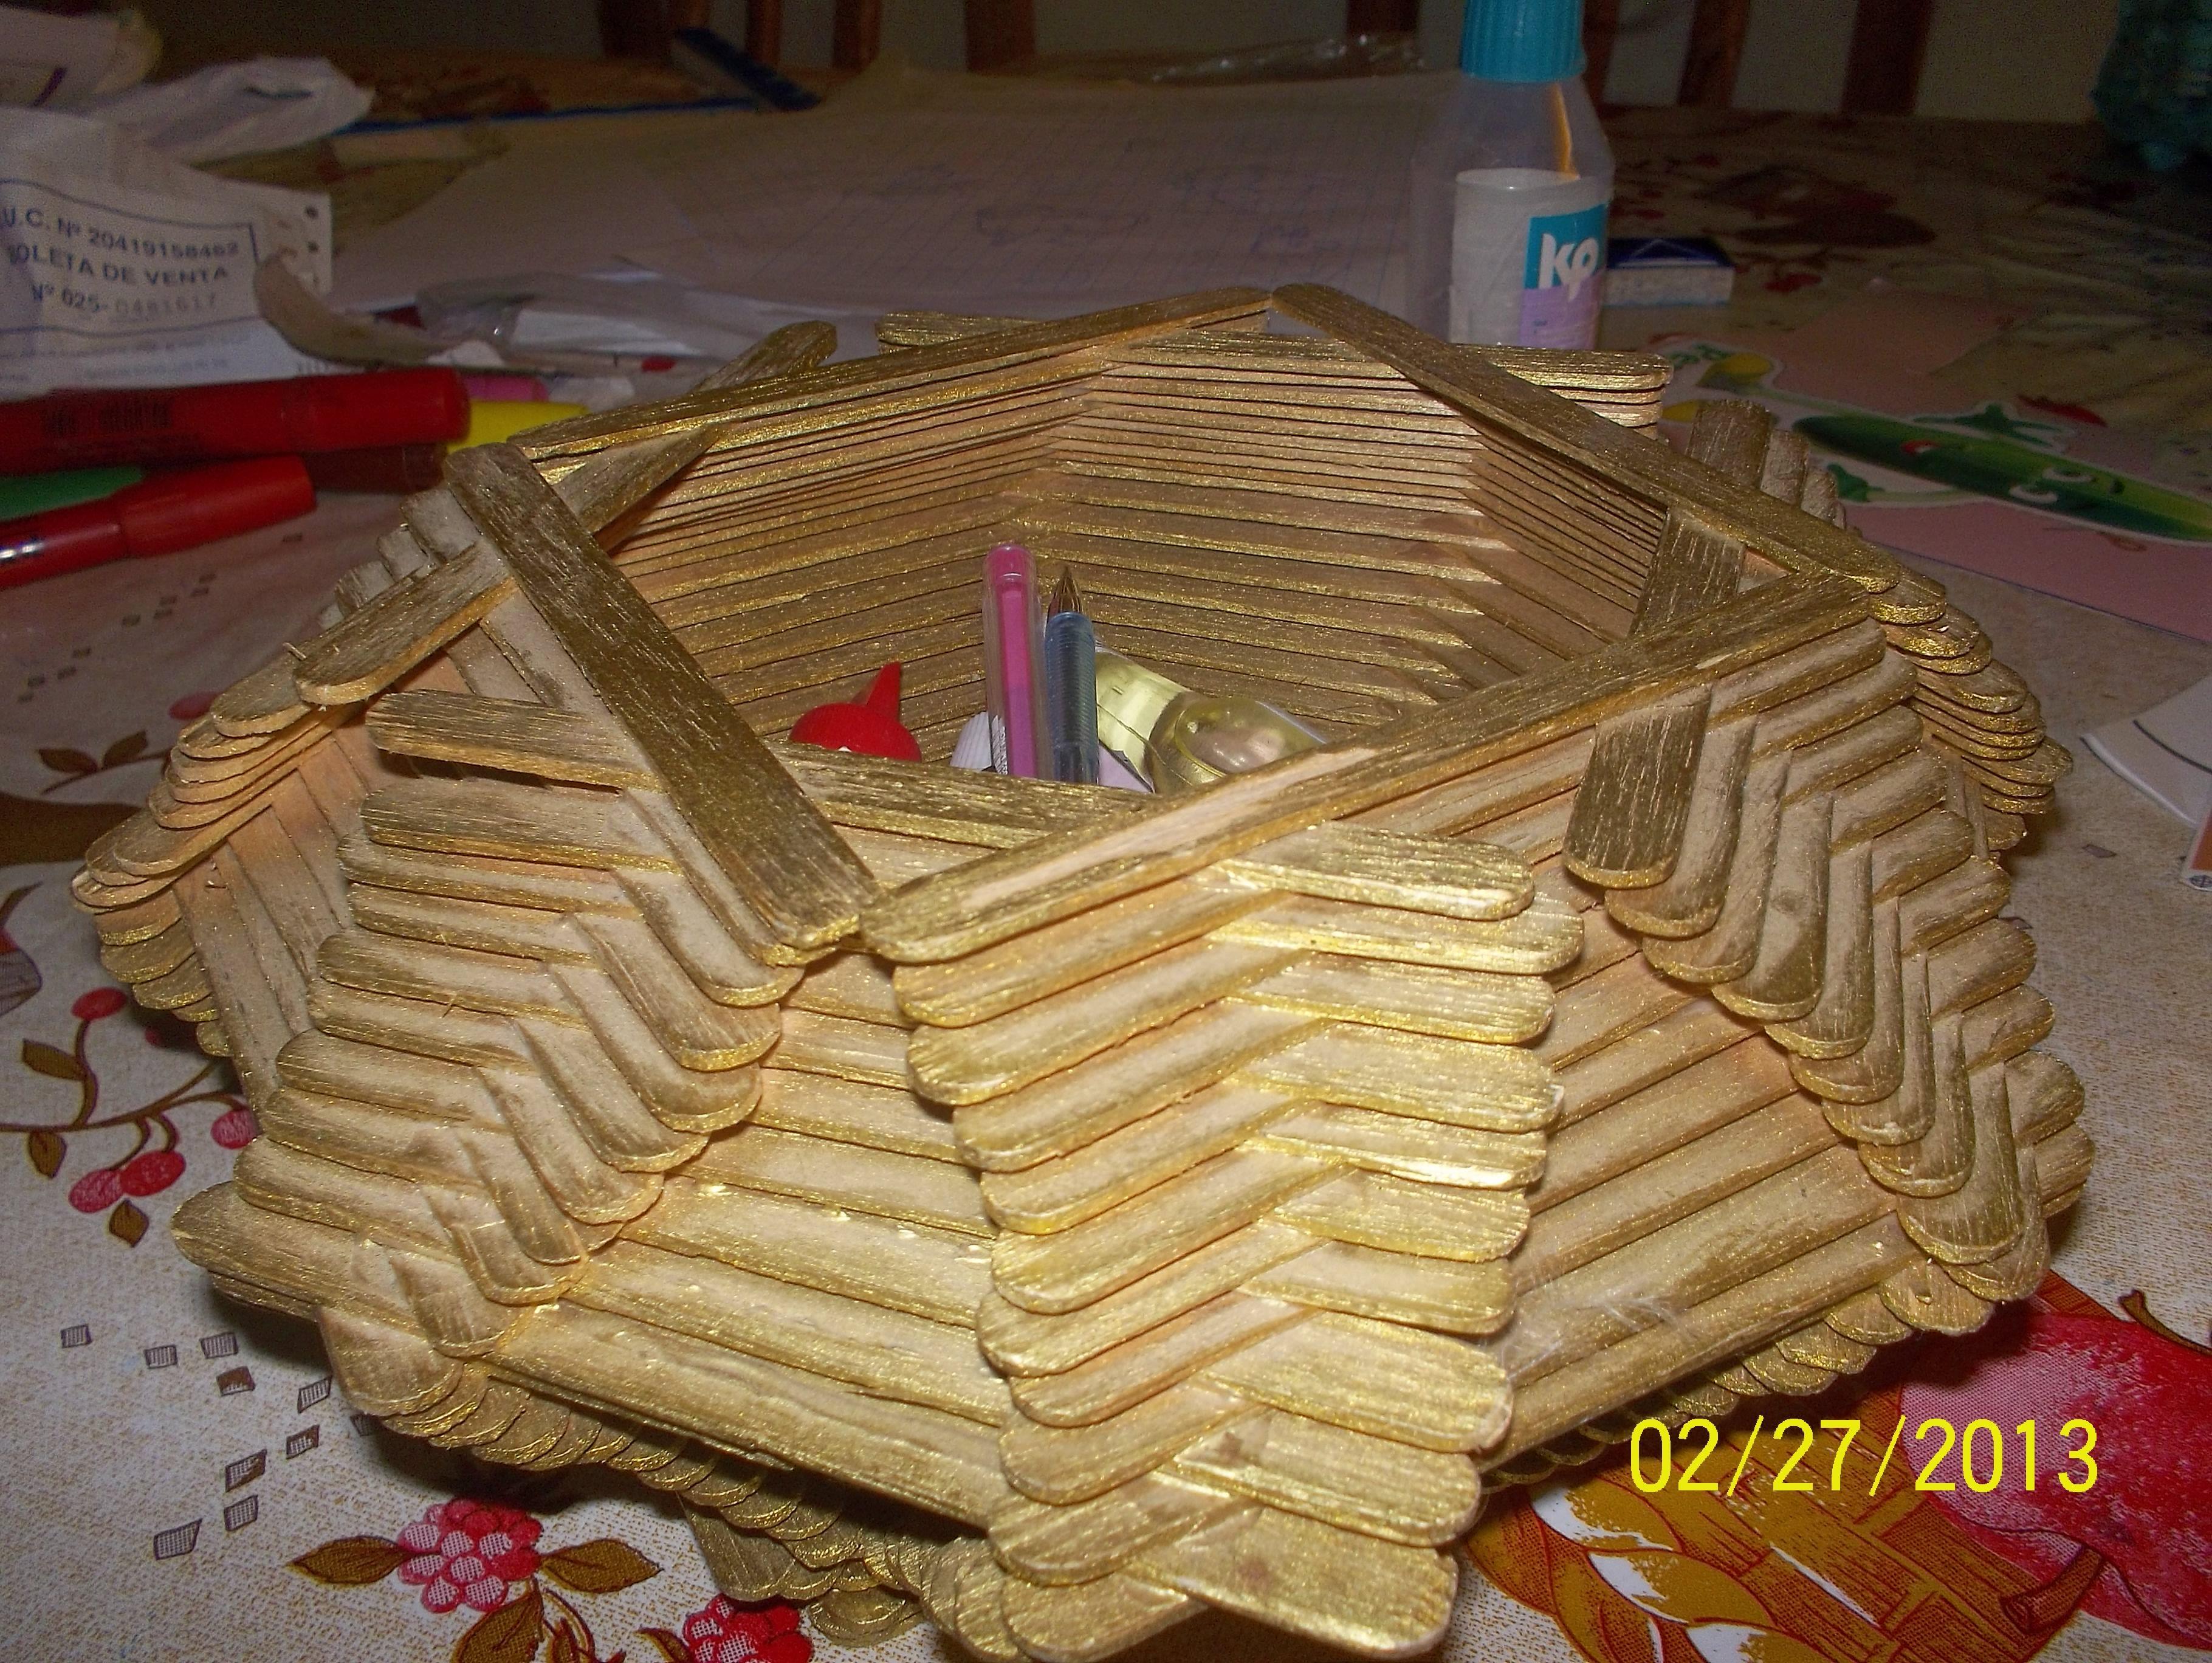 Canastilla de palitos de helado en color dorado - Trabajos manuales en madera ...